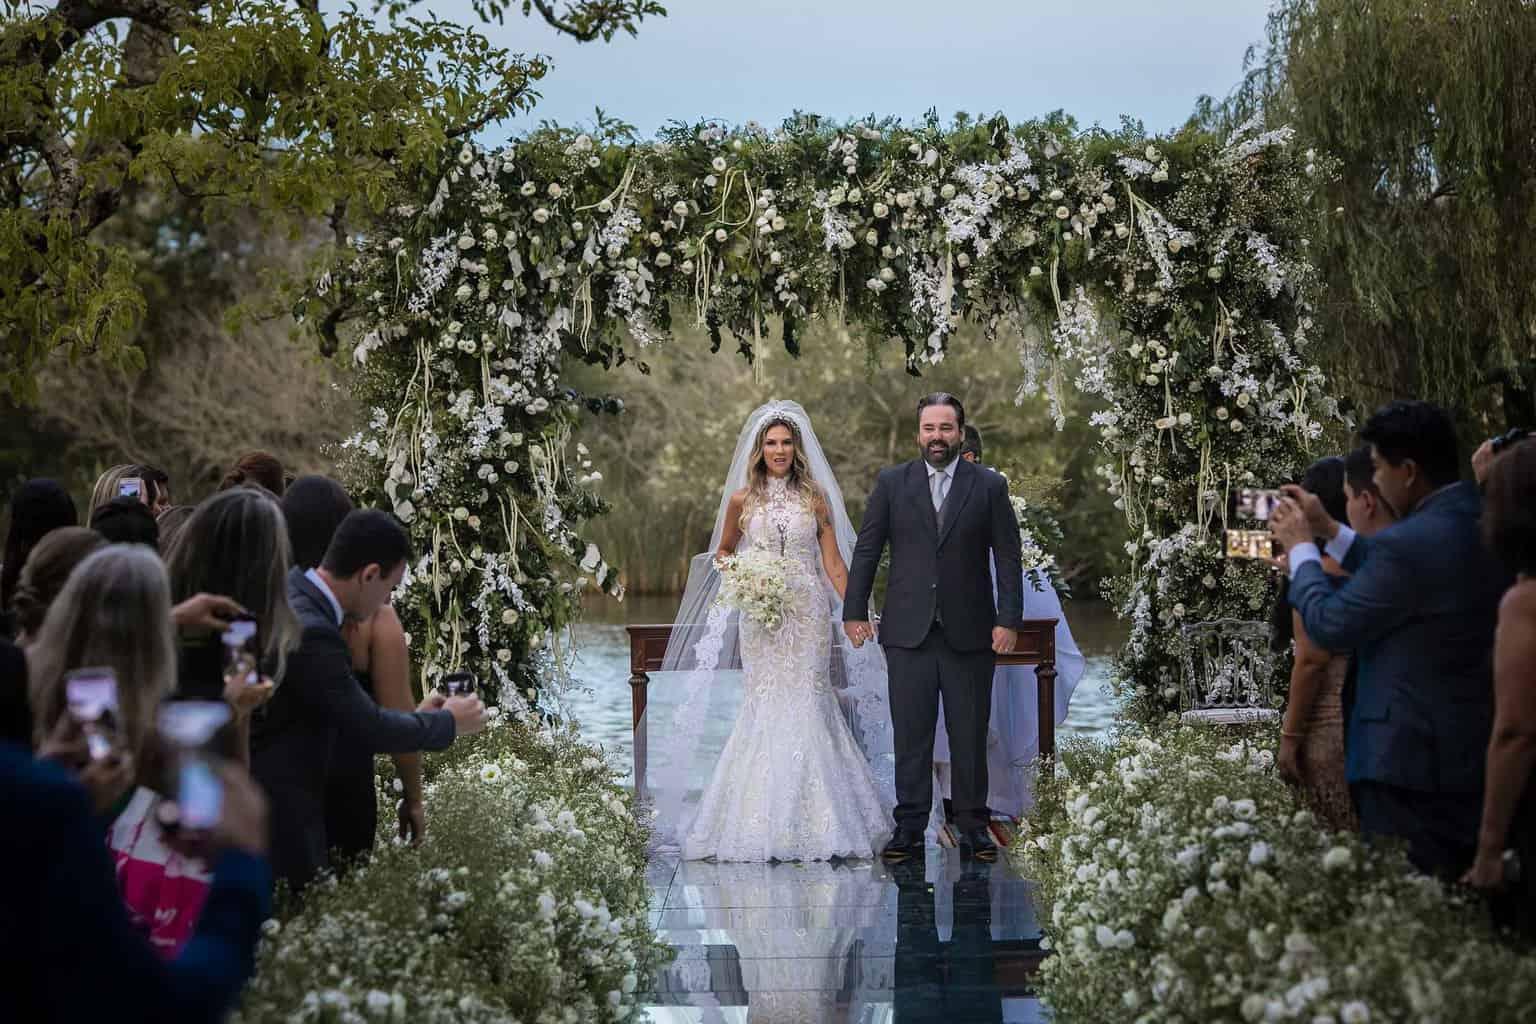 casamento-Marcela-e-Luciano-foto-dos-noivos-fotografia-Torin-Zanette-fotos-a-tarde-fotos-dos-noivos-no-altar-noivos-no-altar16